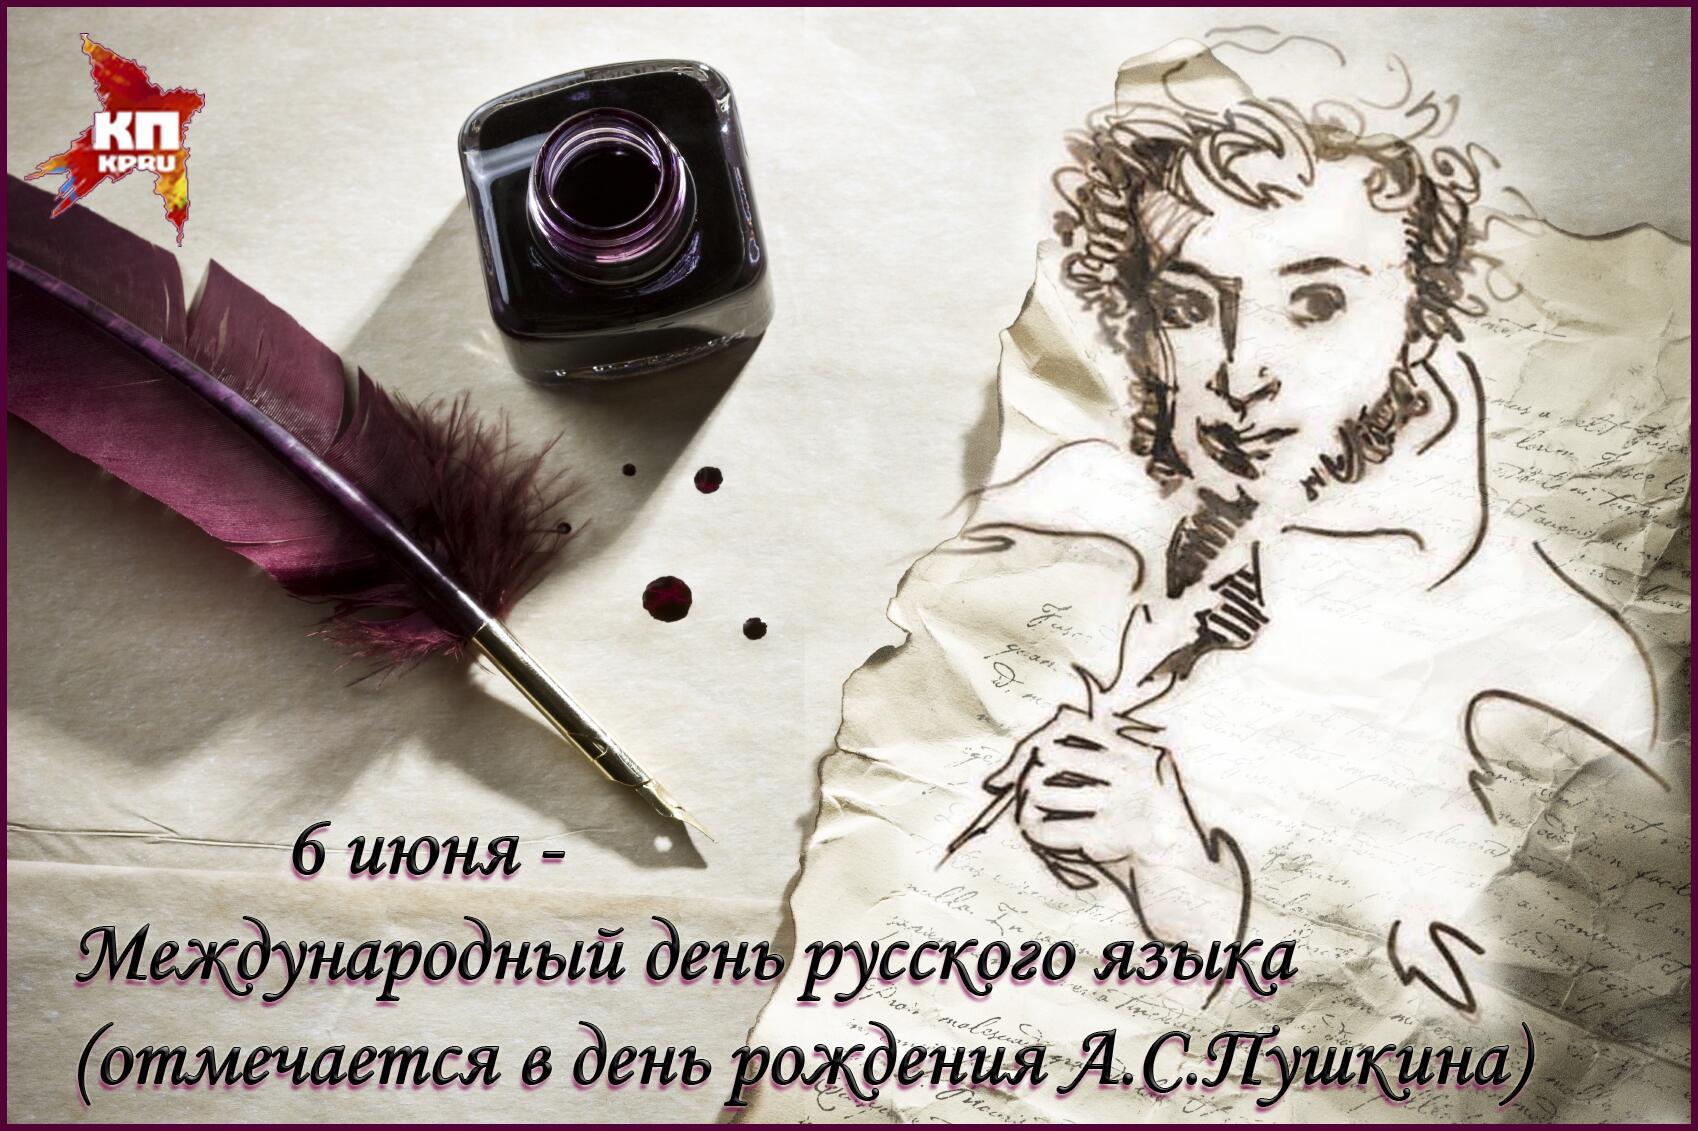 Открытки день, открытка день русского языка пушкинский день россии